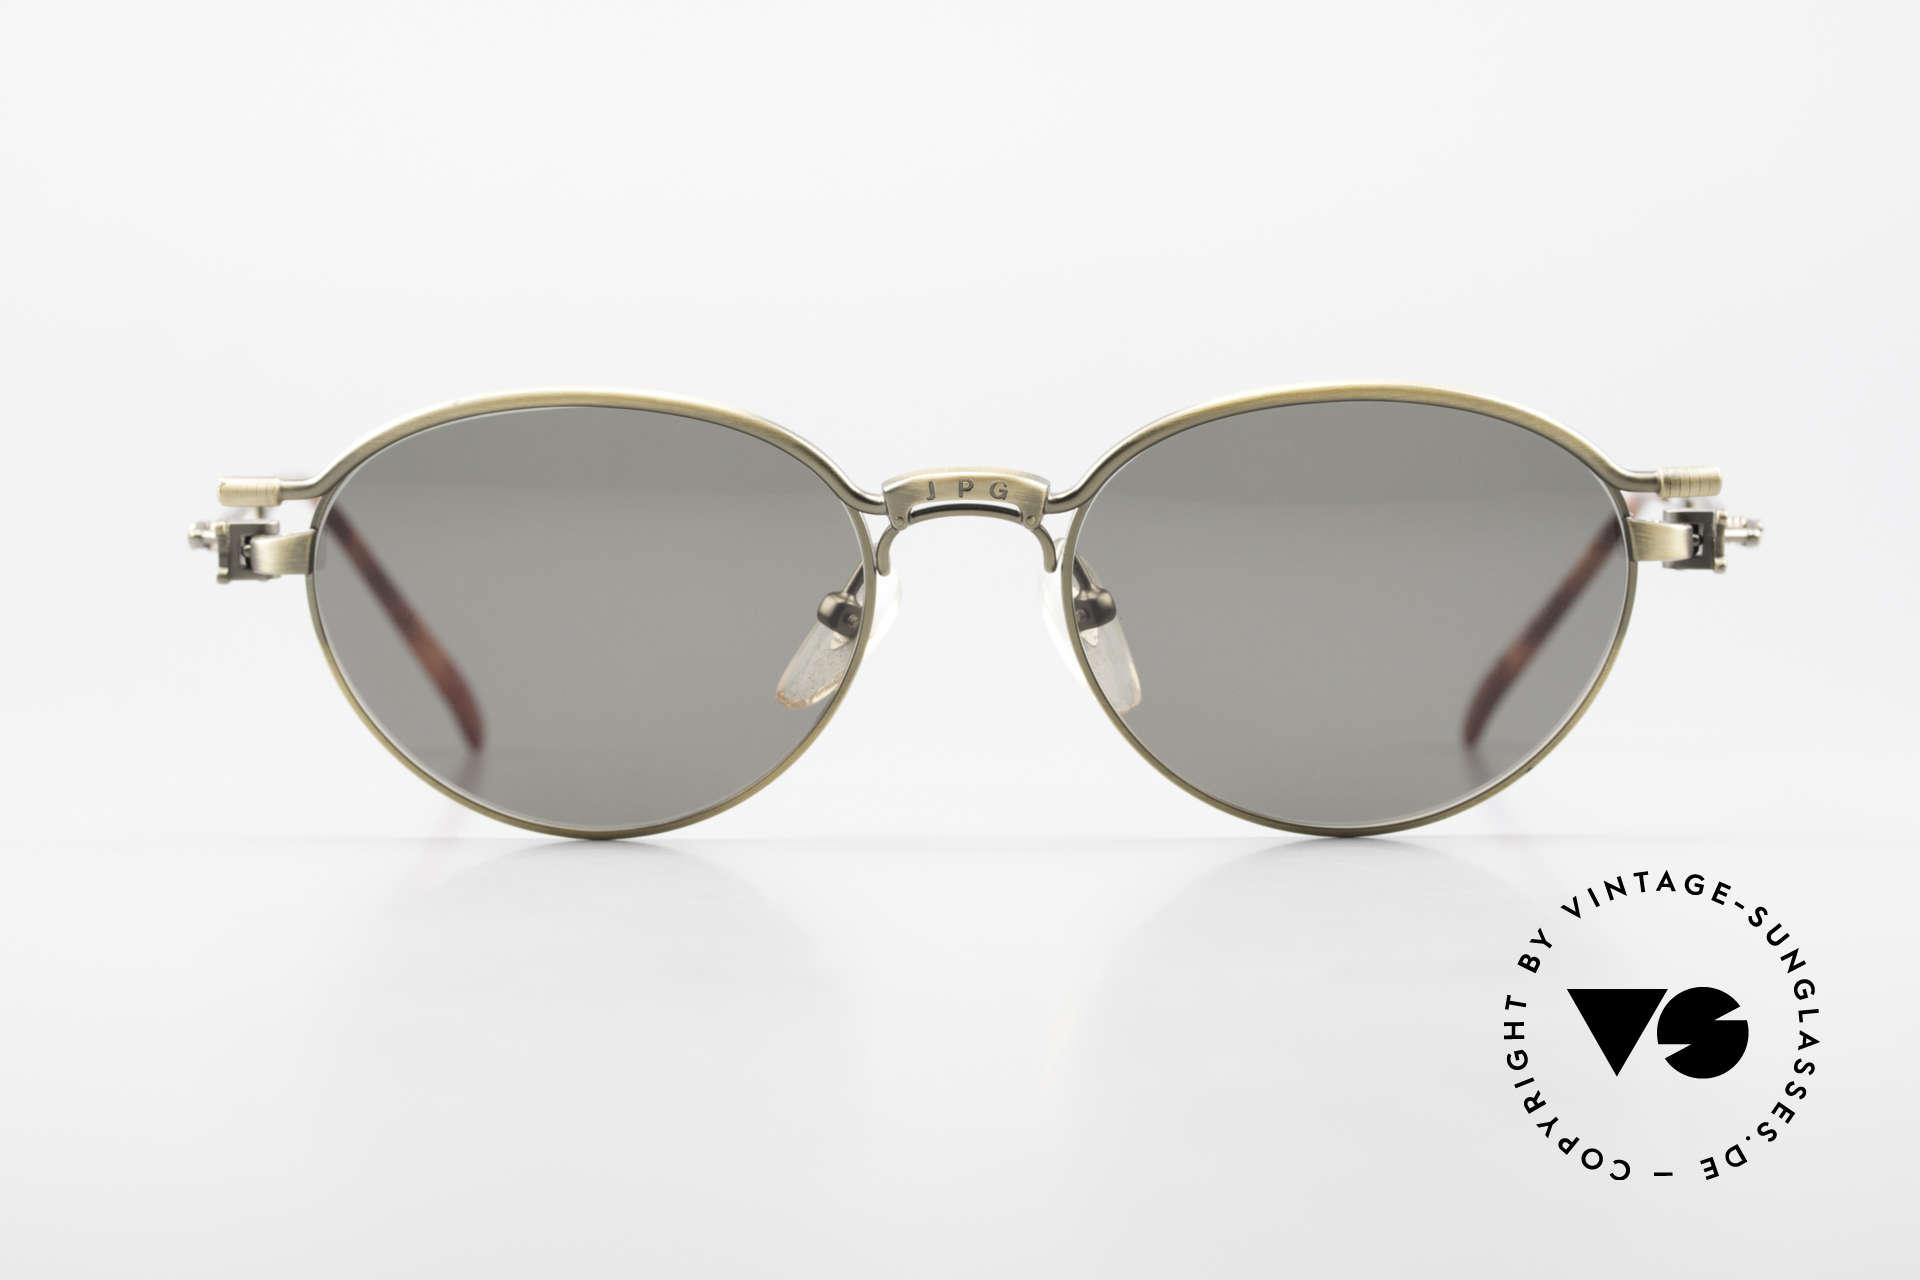 Jean Paul Gaultier 56-4172 Unisex Designerbrille 90er JPG, Designerstück mit 'JPG'-Logo auf der Brücke / Steg, Passend für Herren und Damen